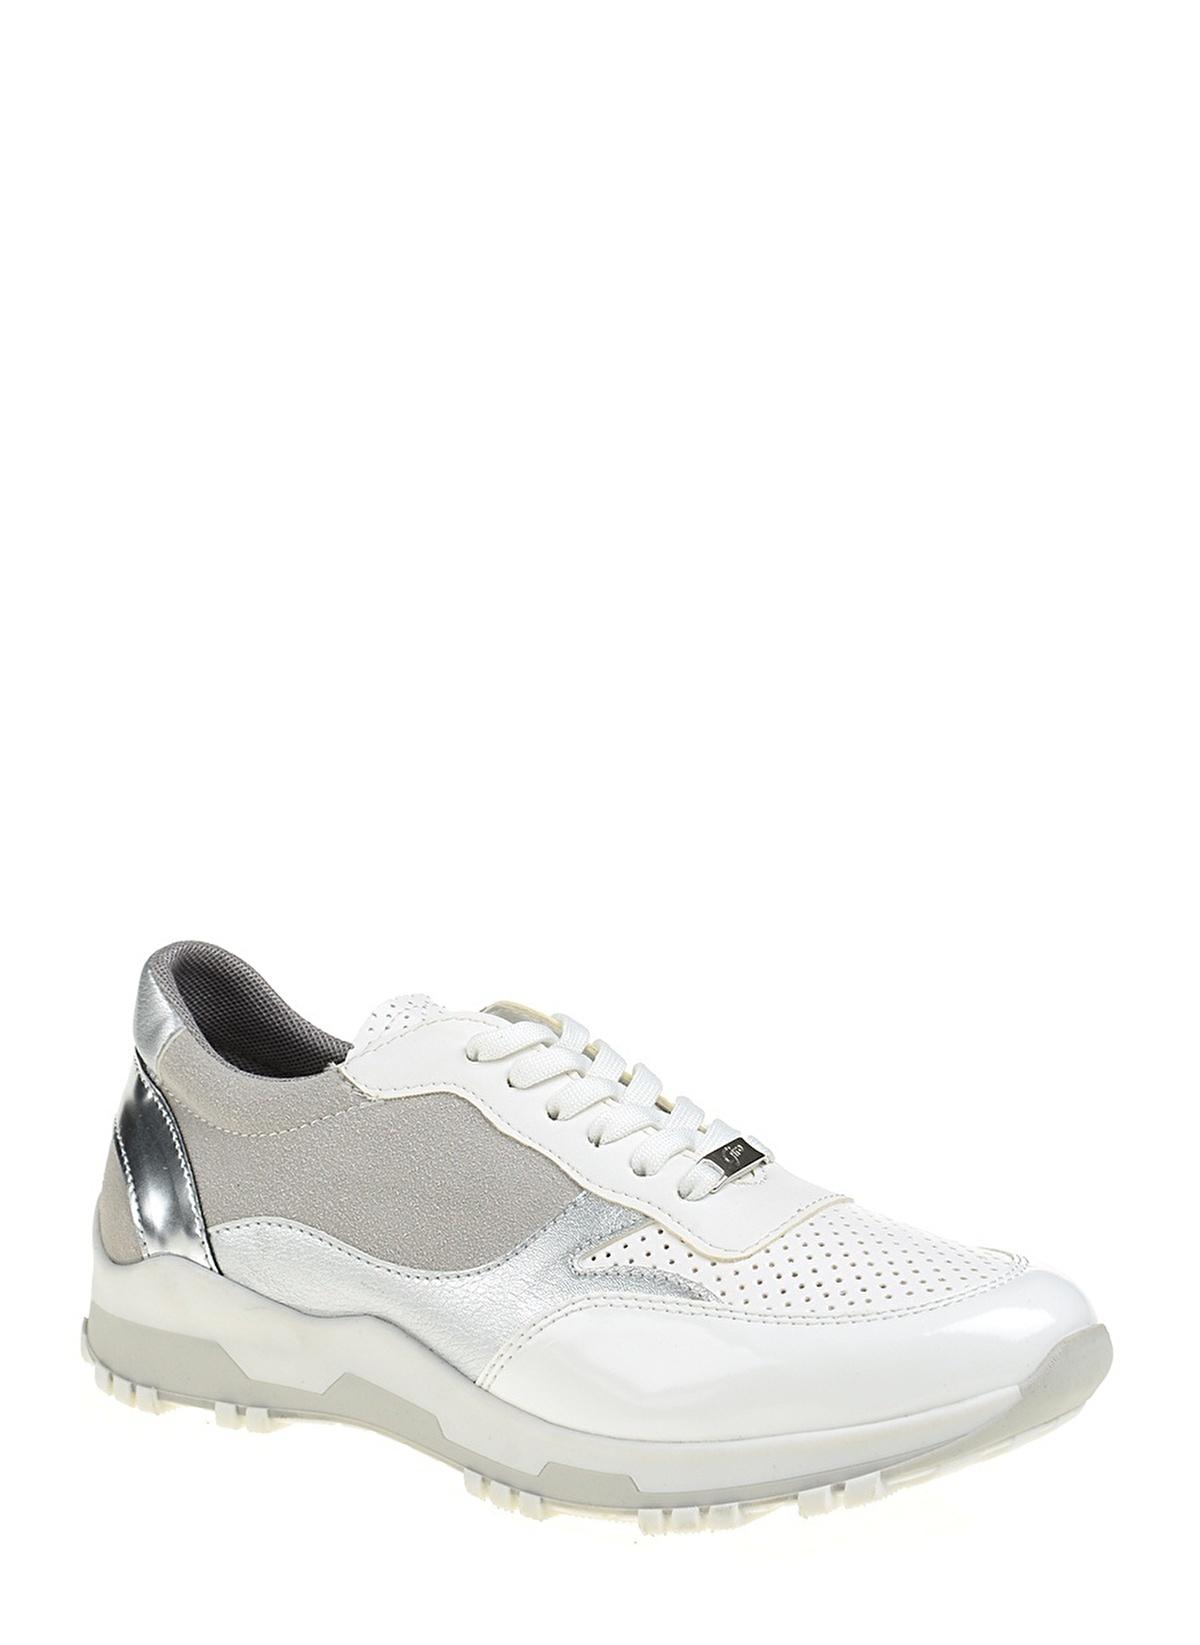 Divarese Lifestyle Ayakkabı 5018152 K Sneaker – 149.0 TL